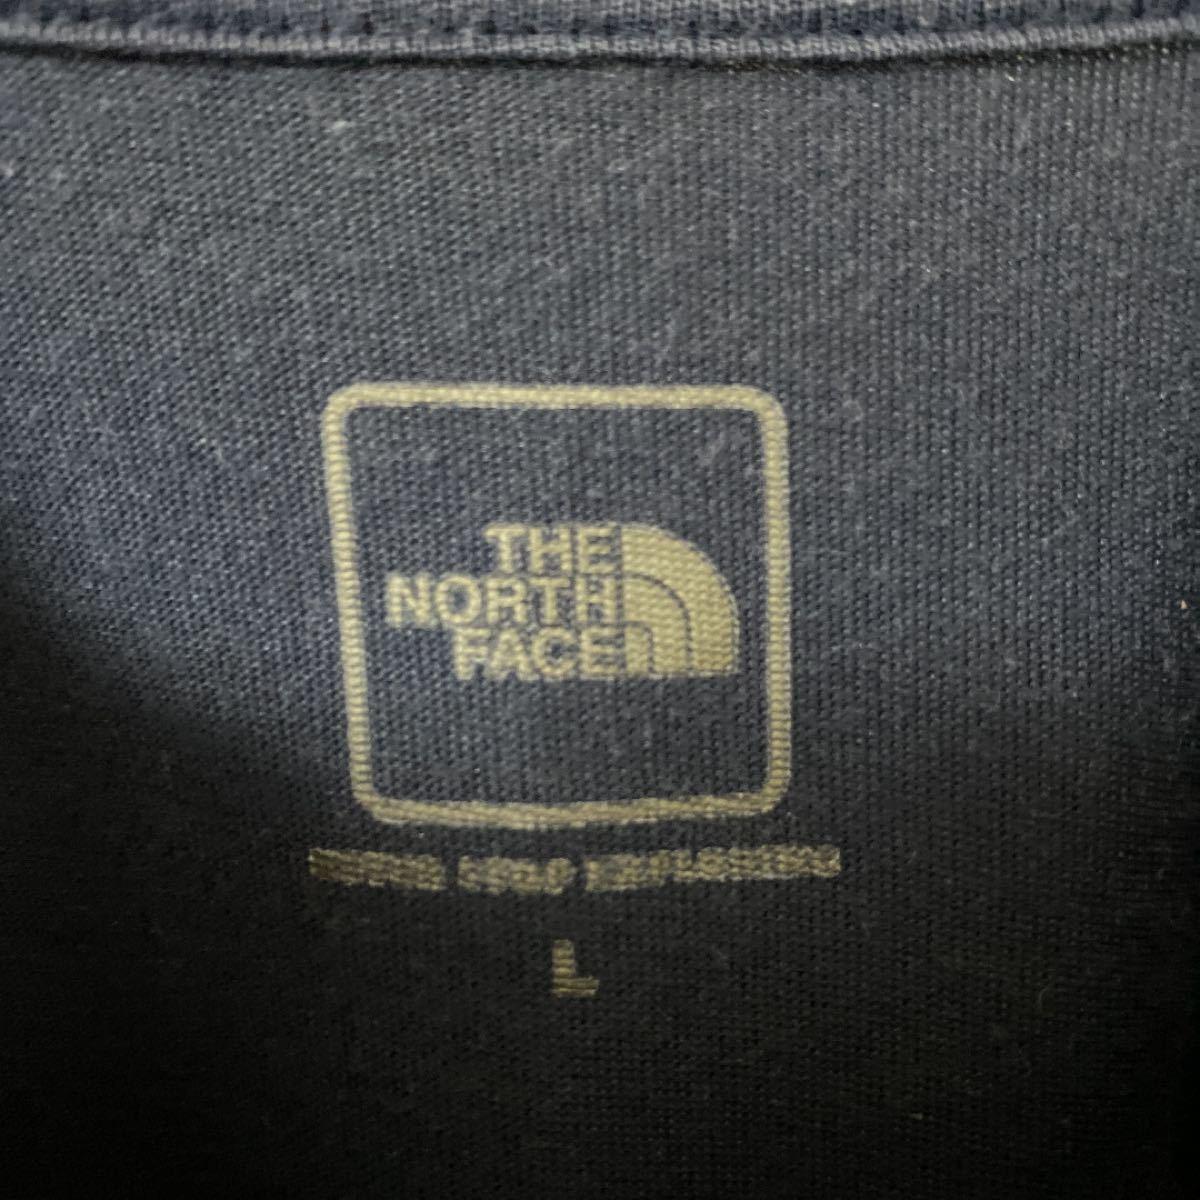 THE NORTH FACE ザ・ノースフェイス Tシャツ